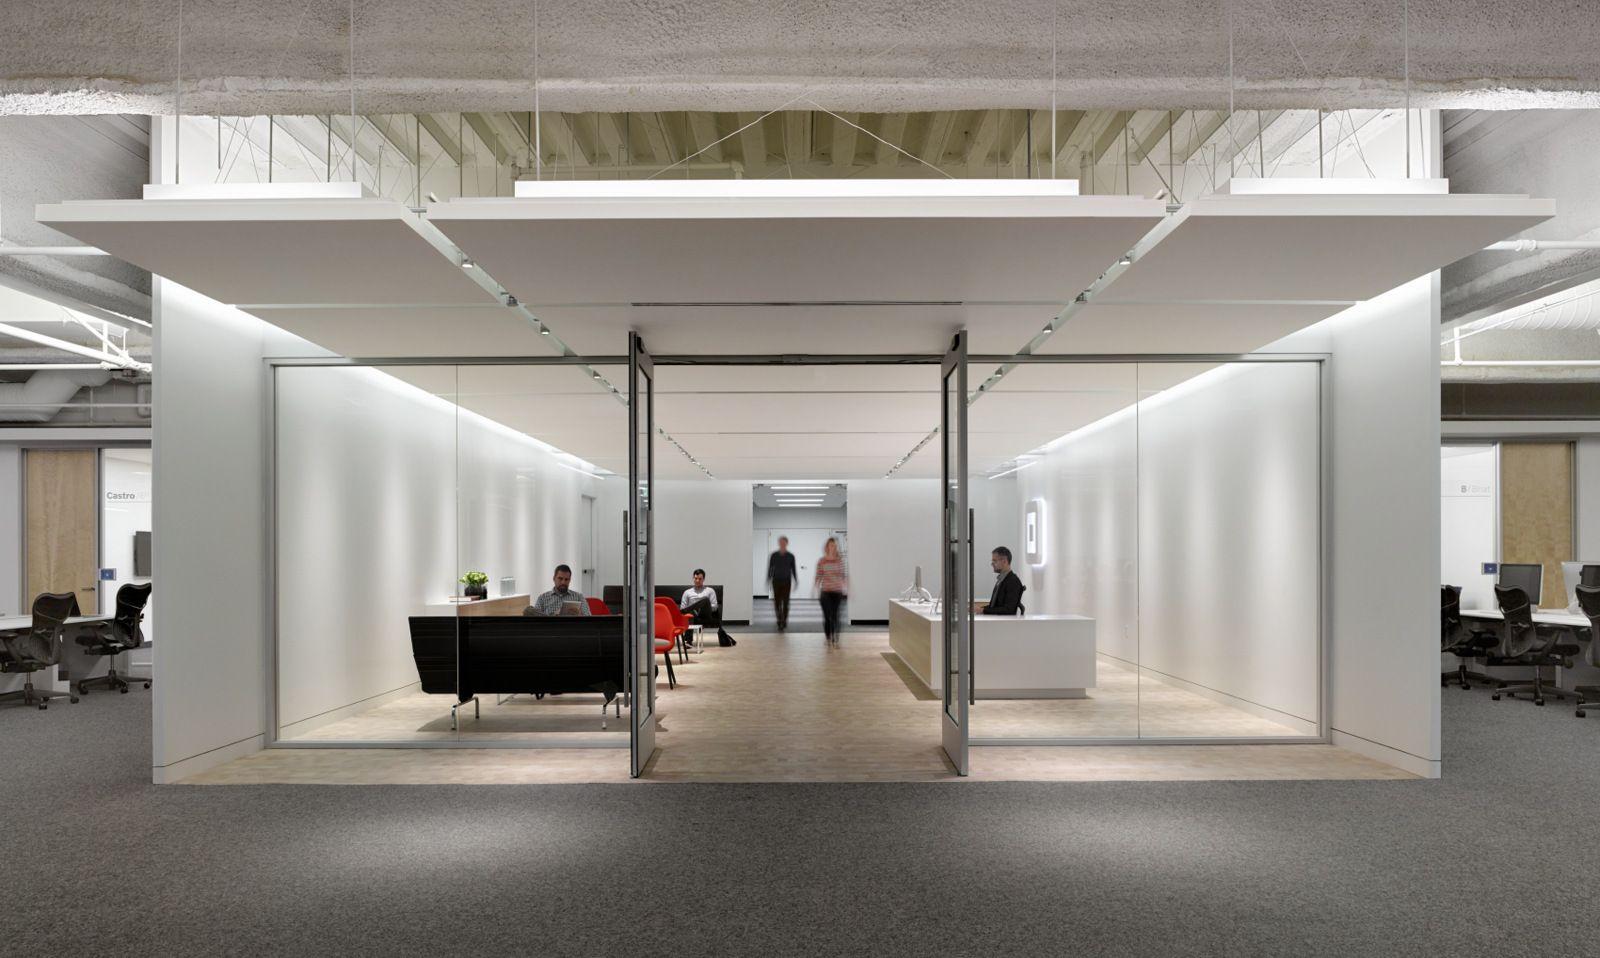 Office Tour Square San Francisco Headquarters Space DesignInterior